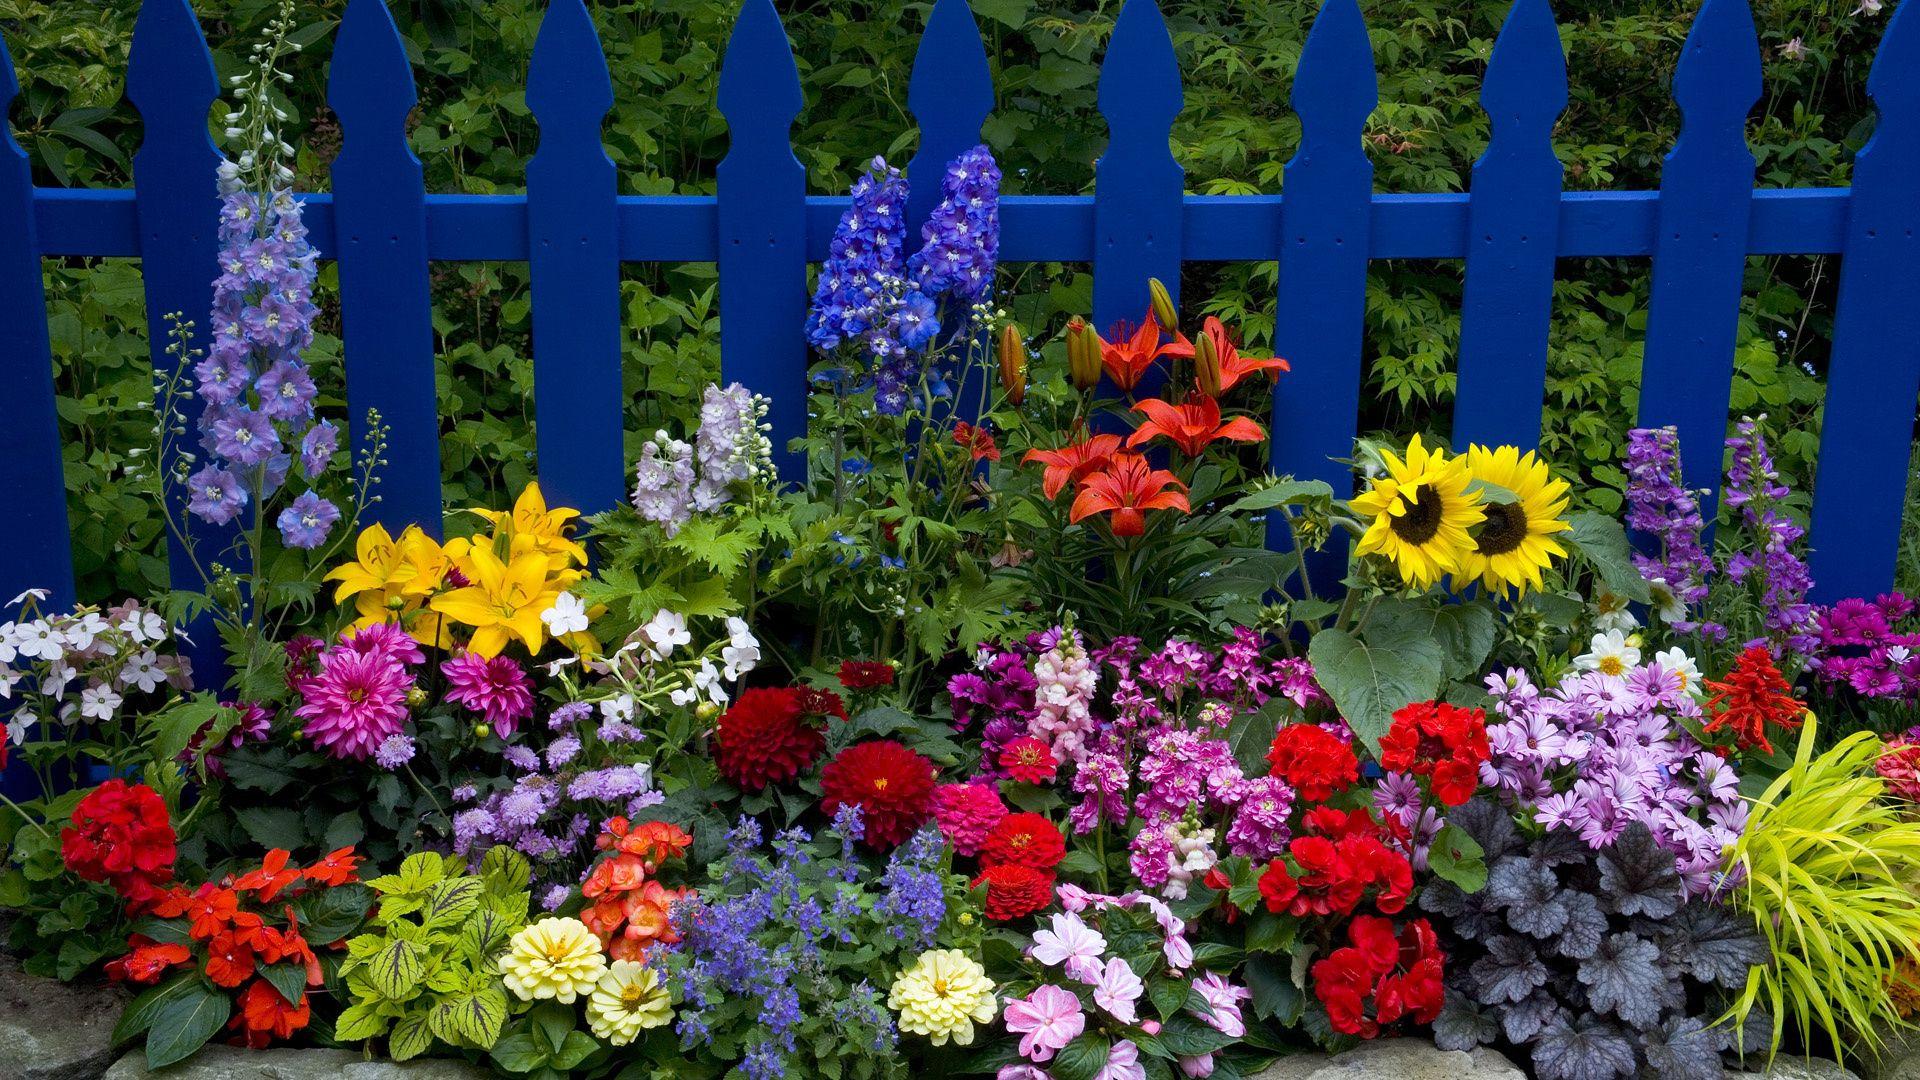 Fond d cran hd jardin fleurs fond d 39 cran hd gratuit http all pinterest for Ecran de jardin synthetique